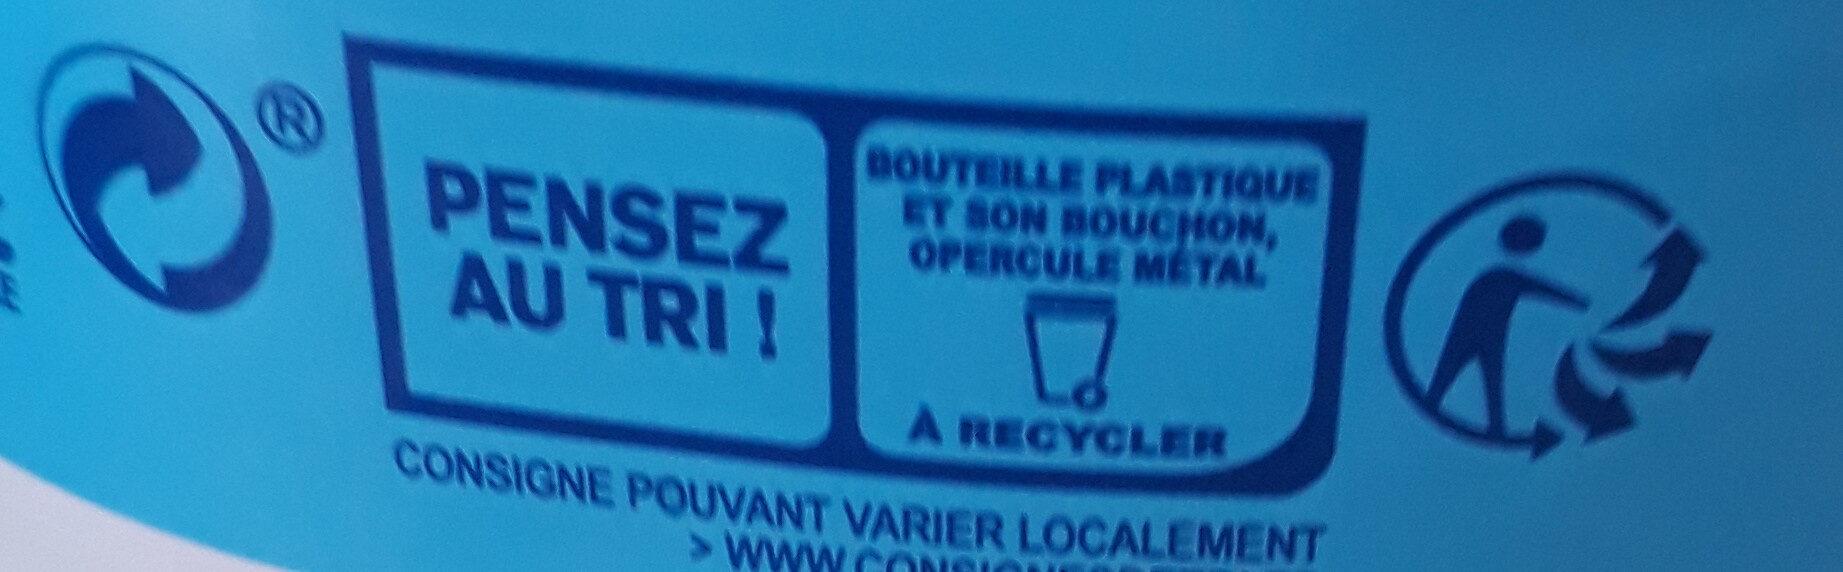 Lait Matin Léger Demi-Écrémé - Instruction de recyclage et/ou informations d'emballage - fr